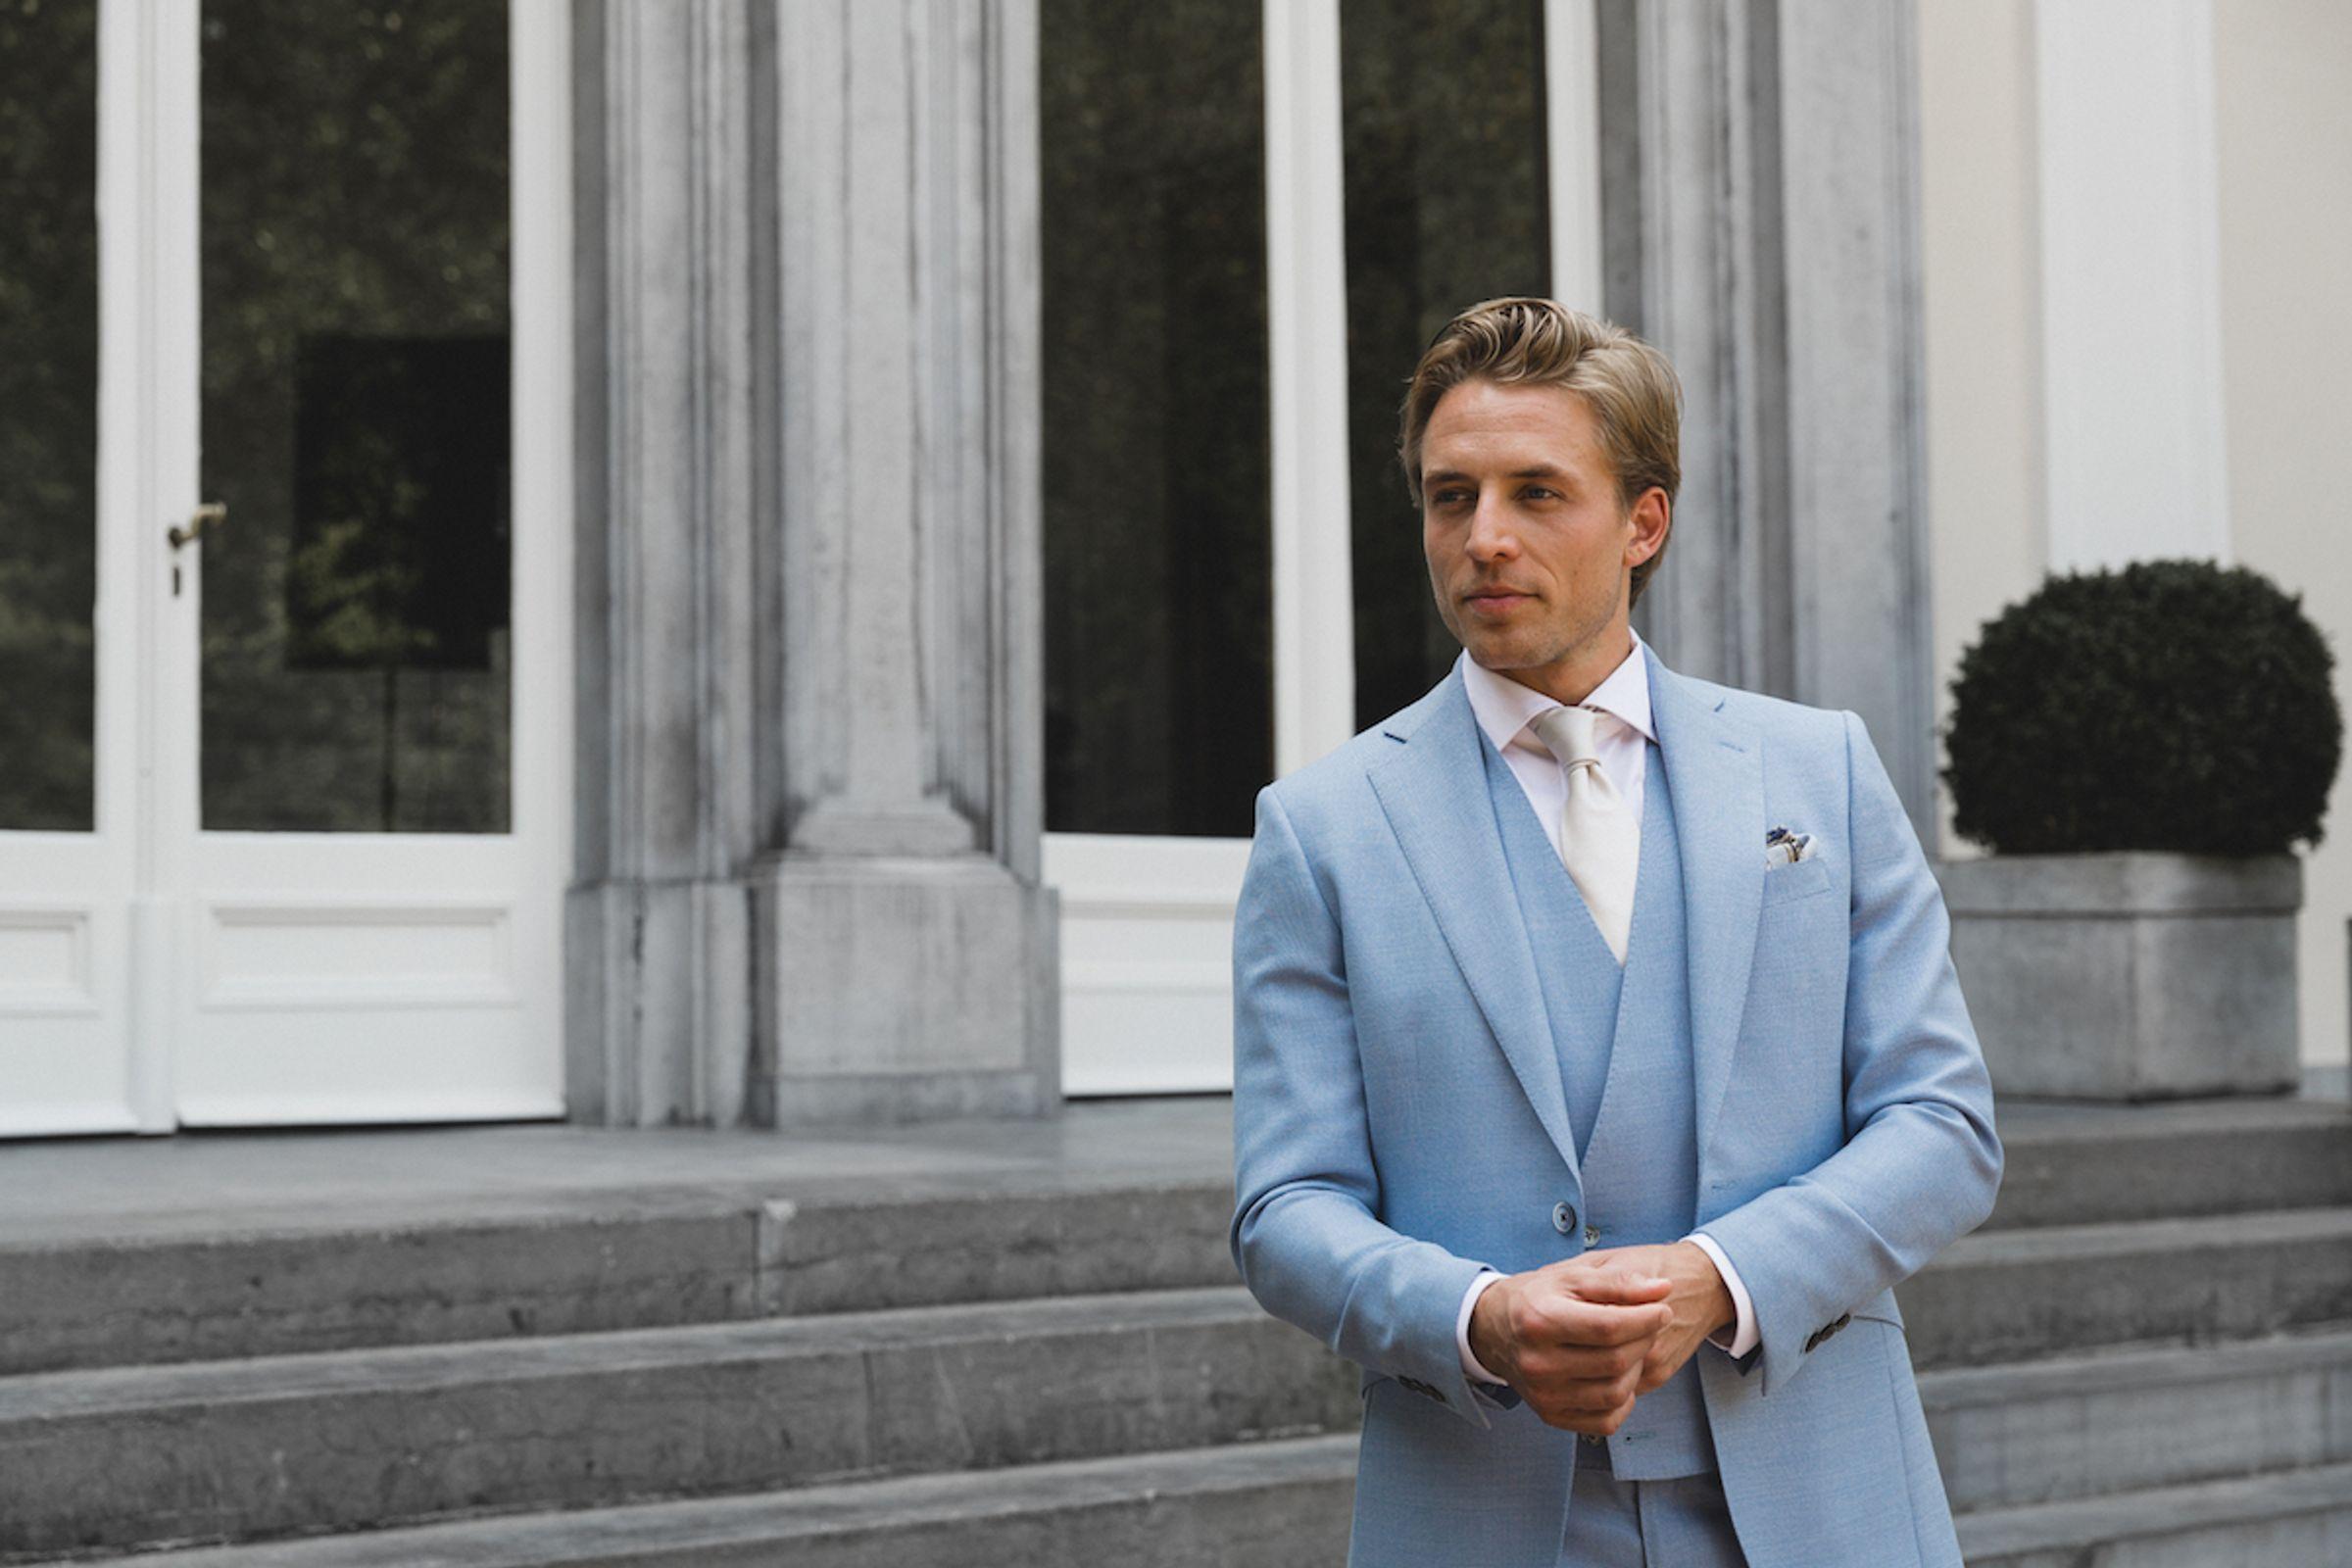 Skyfall trouwpak Michael & Giso lichtblauw driedelig pak met lichte das